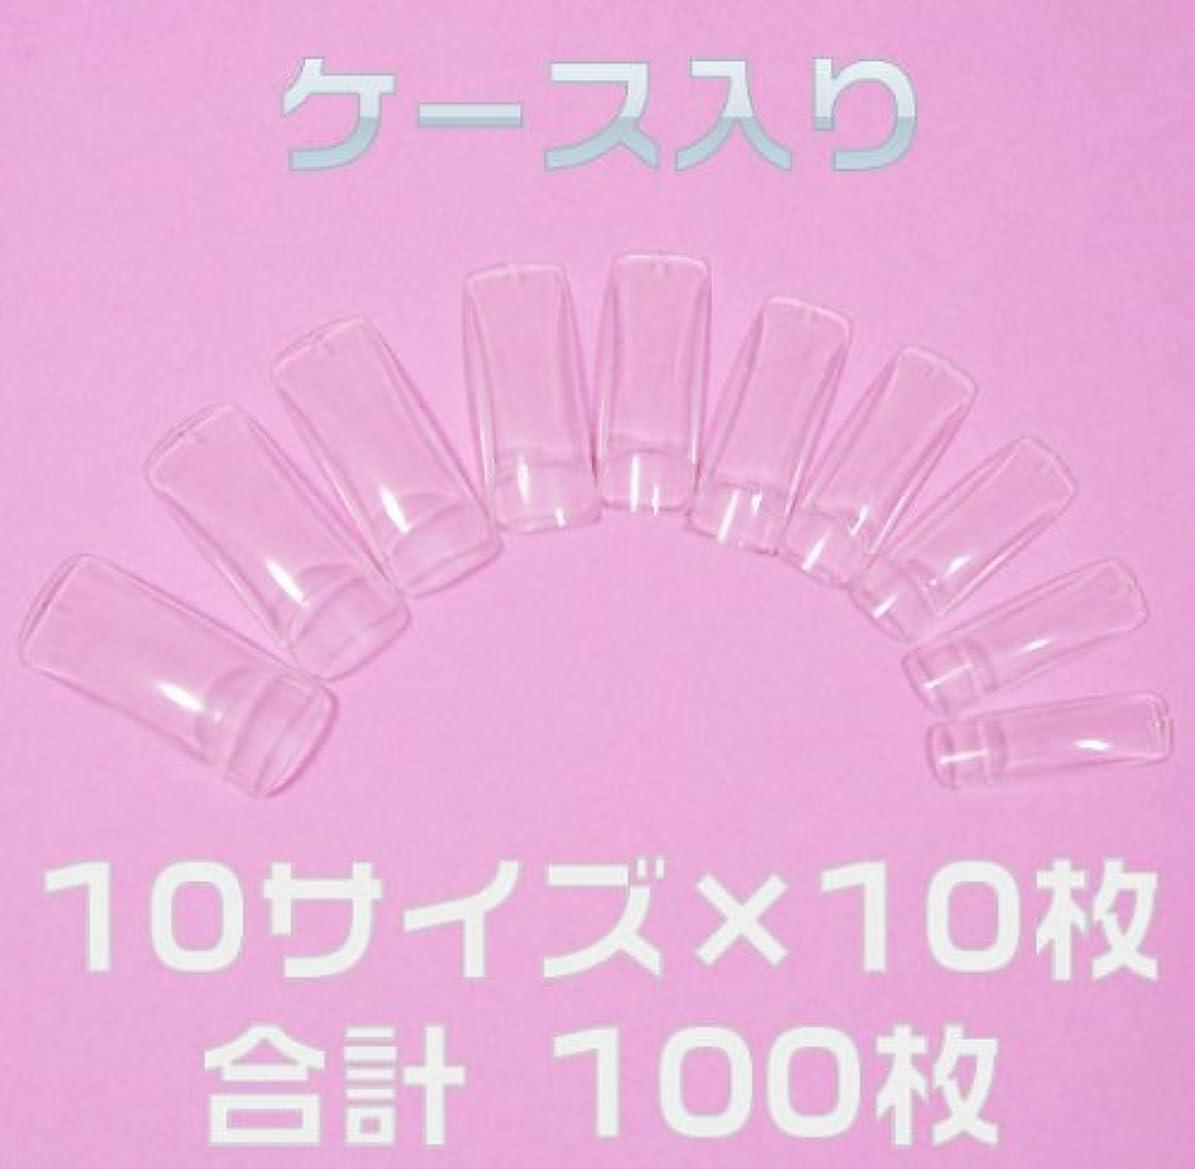 計算可能ラグシャトルネイルチップ チップオーバーレイ用 クリア 100枚[#c3] つけ爪付け爪